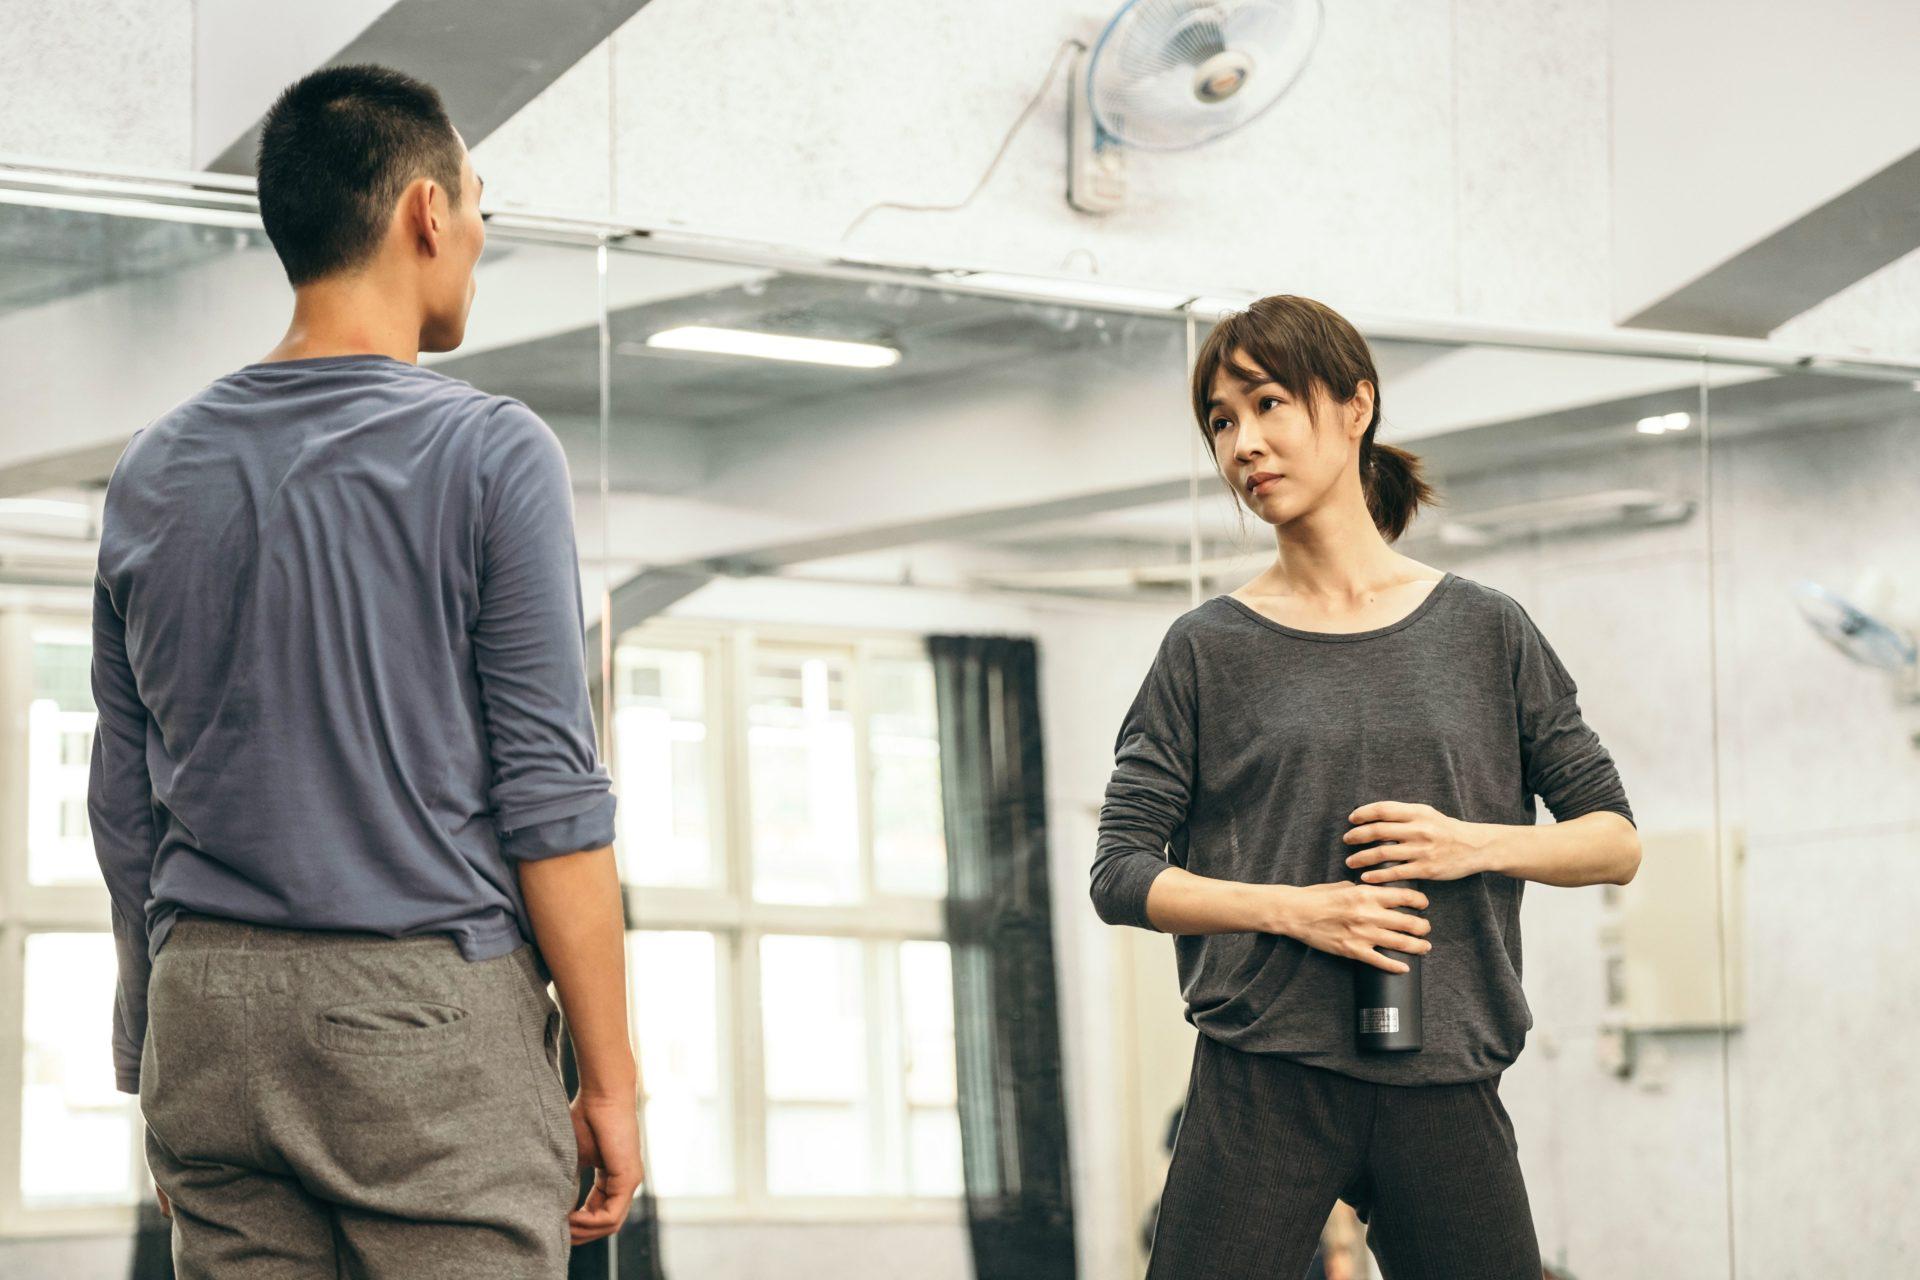 謝盈萱《孤味》變身灑脫多情女 金馬影后自嘲:終於換我演辜負別人的角色了